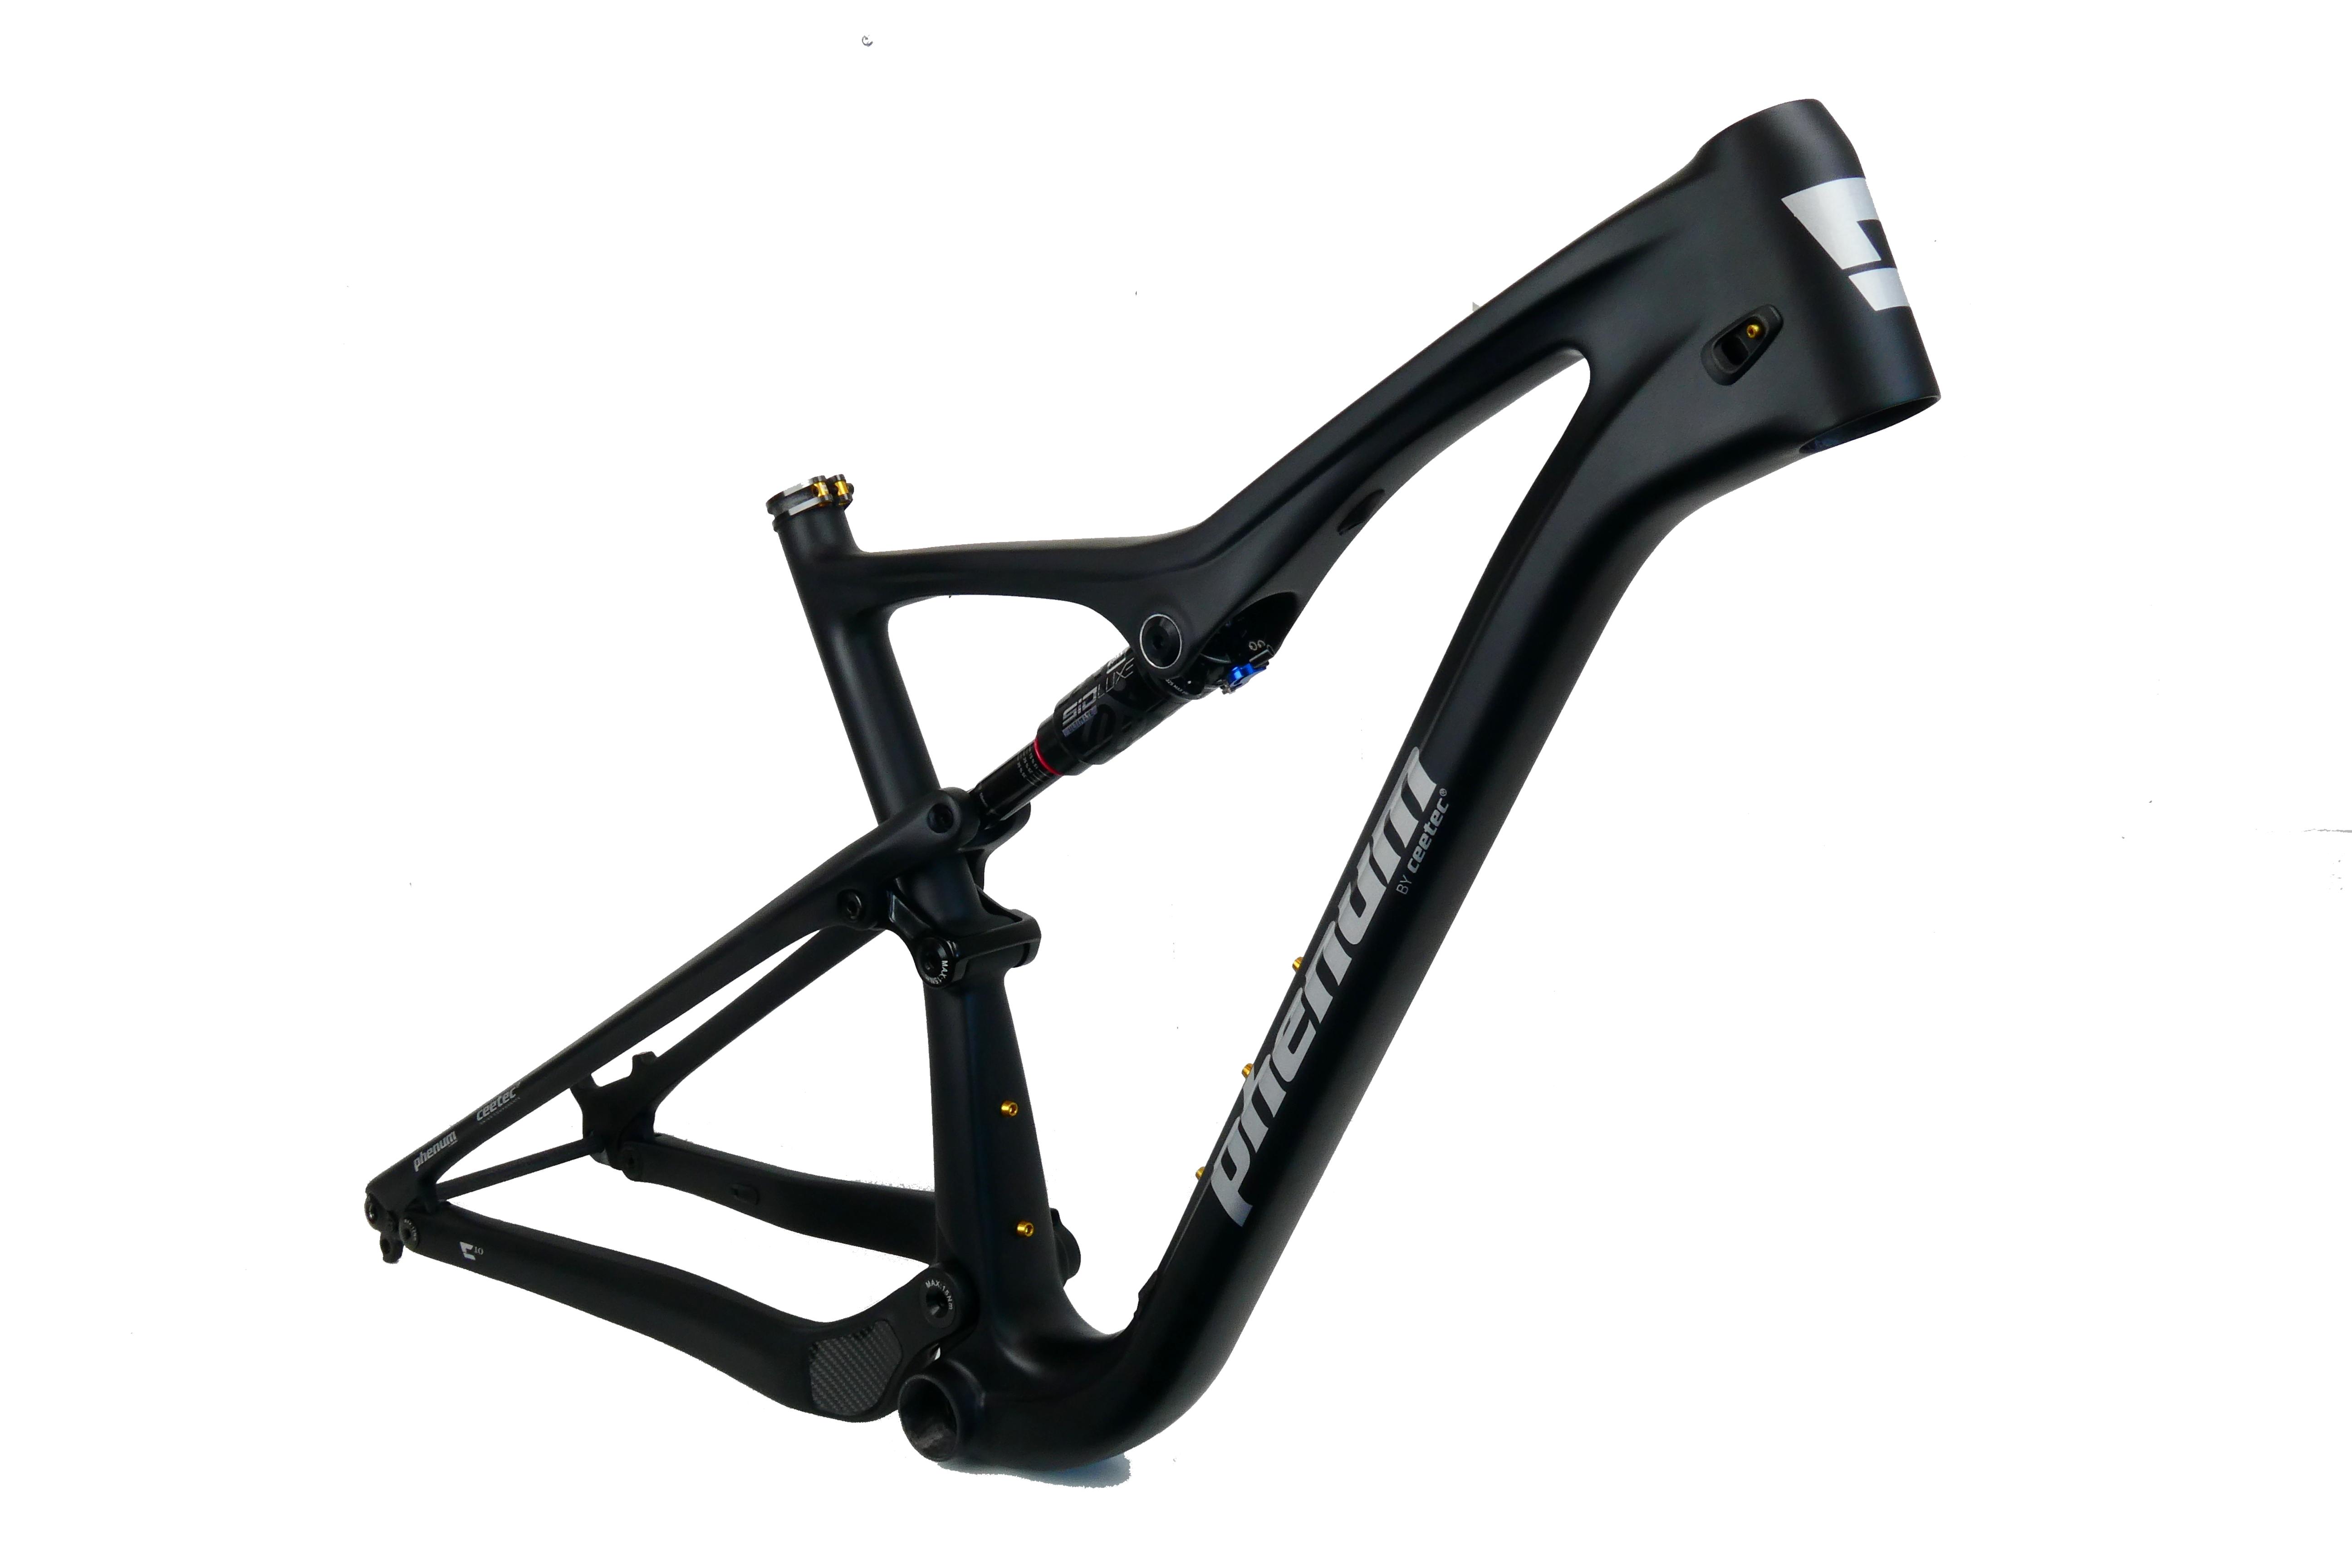 frame phenum C10